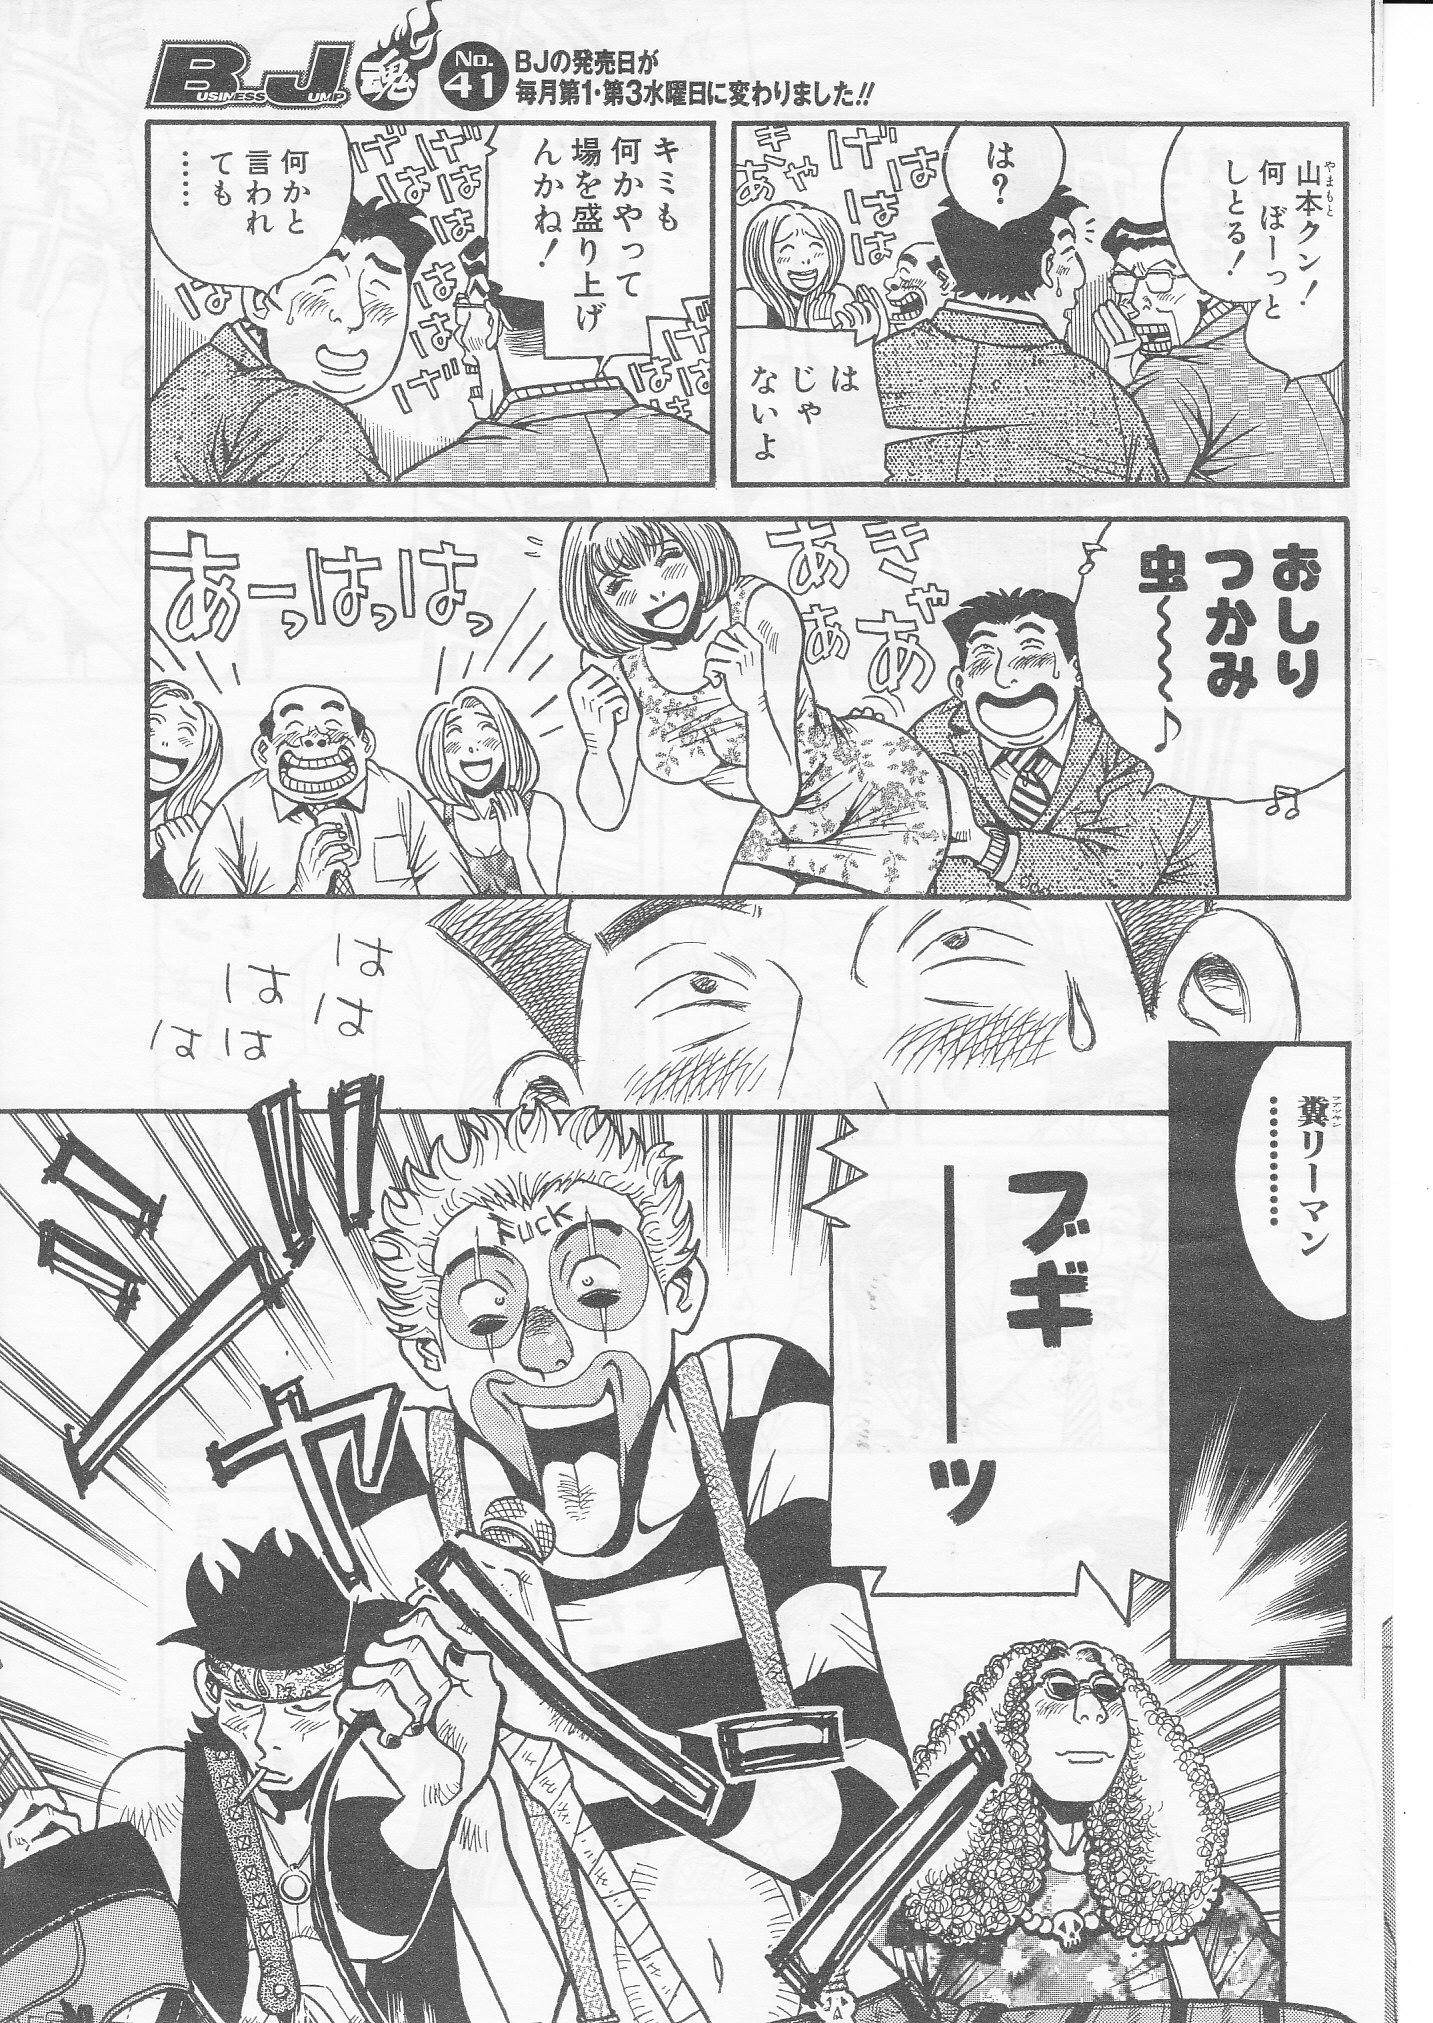 ファッキン・リーマン・ブギ 3/23